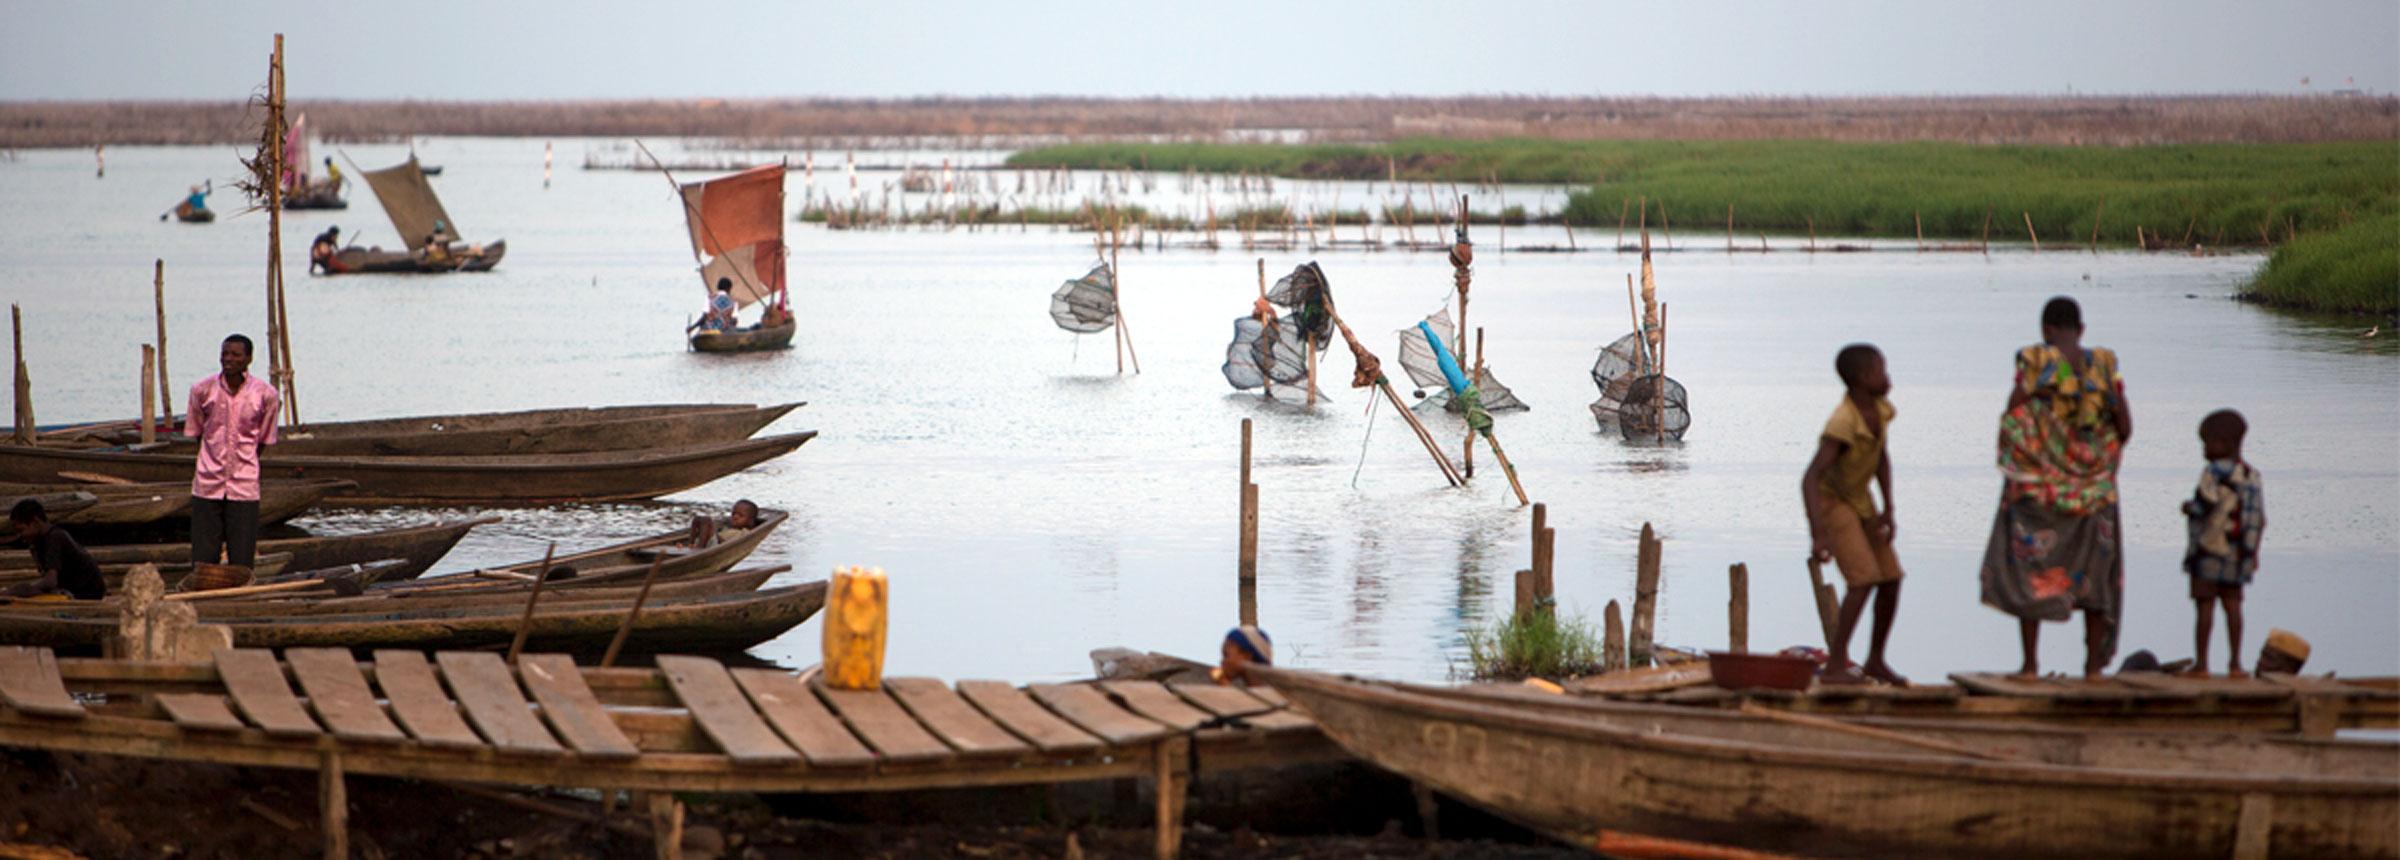 Benin fishers